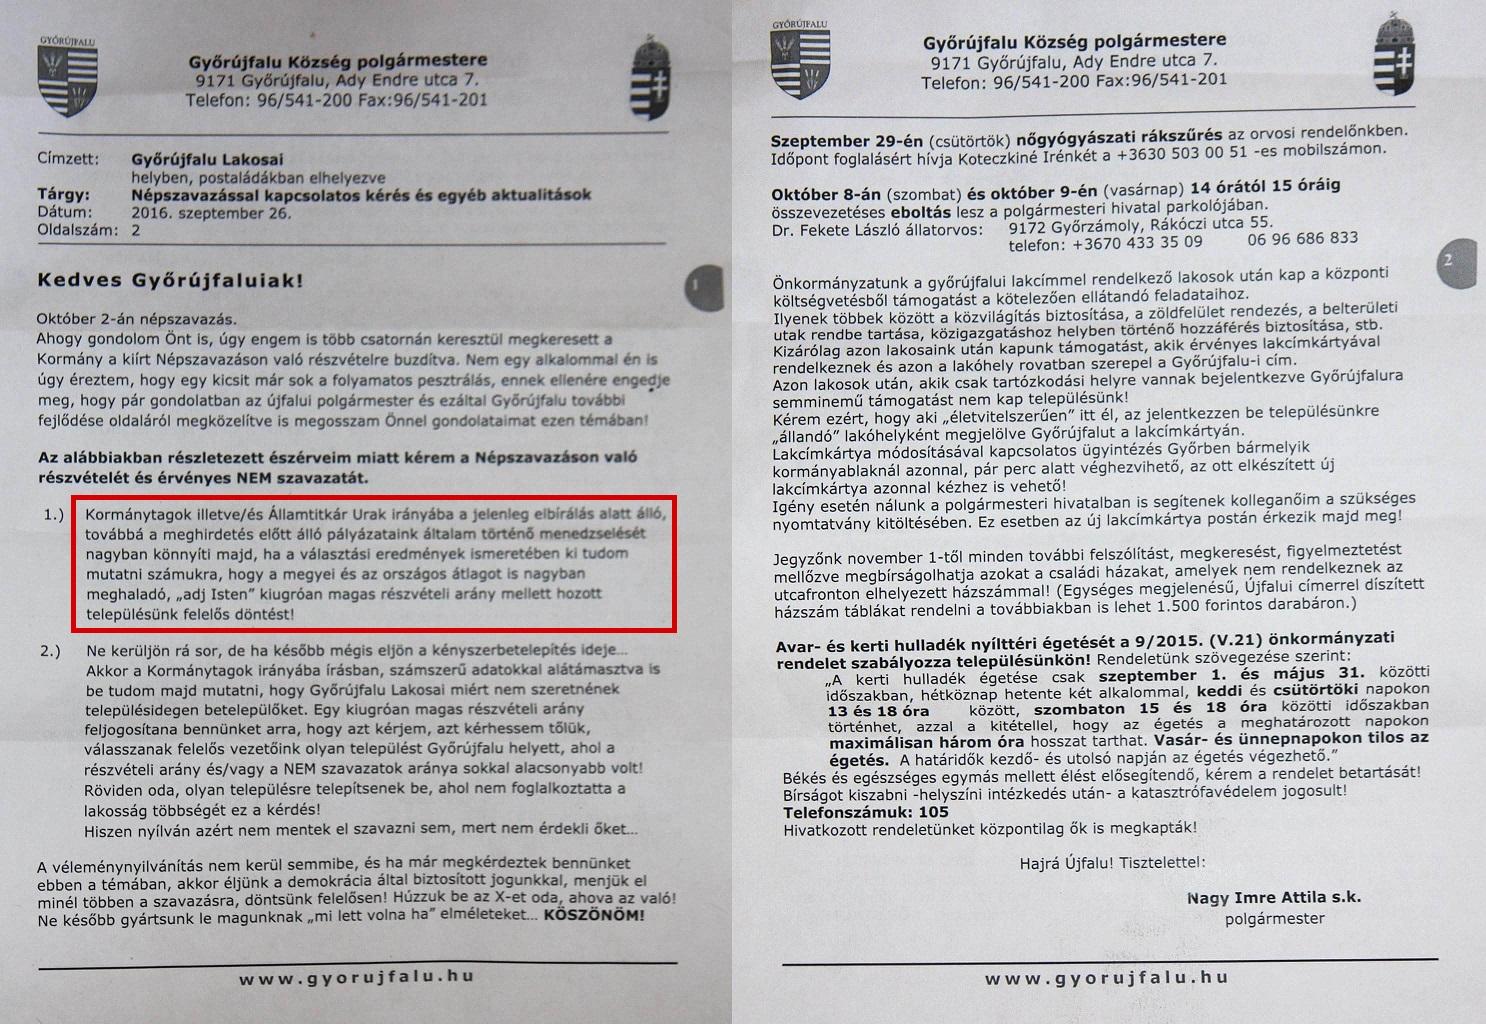 Győrújfalu polgármestere azt kéri, azért is szavazzanak a kvótanépszavazáson nemmel, hogy jobb esélyeik legyenek a pályázatokon